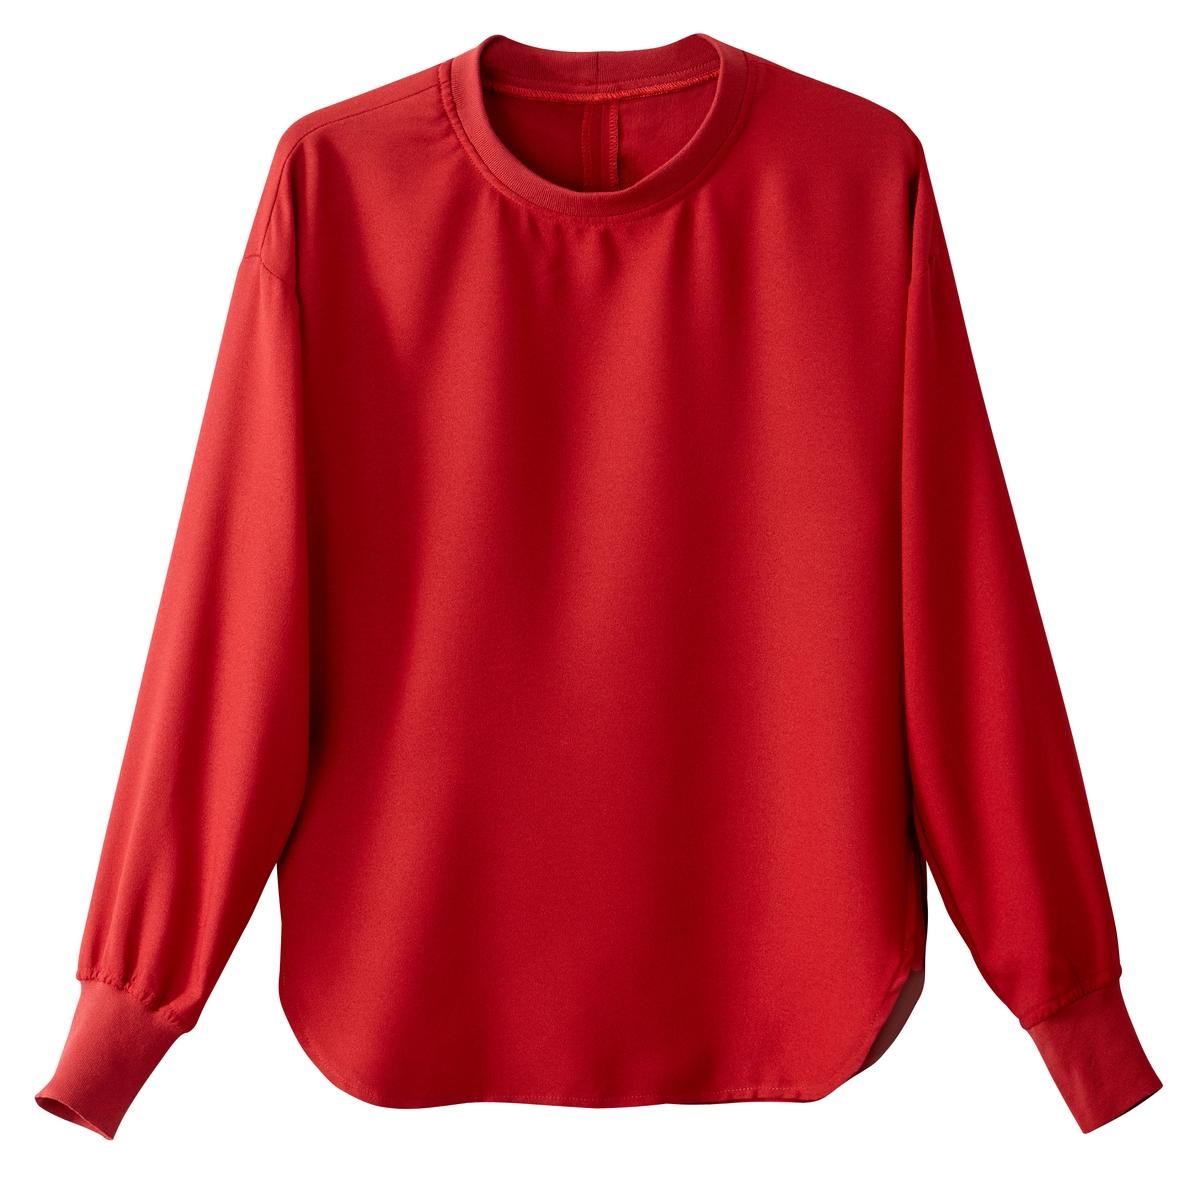 Блузка с рукавами летучая мышьДетали •  Рукава 3/4 •  Круглый вырезСостав и уход •  100% полиэстер  •  Температура стирки 30° на деликатном режиме   •  Сухая чистка и отбеливание запрещены    •  Не использовать барабанную сушку   •  Низкая температура глажки<br><br>Цвет: красный,темно-синий,черный<br>Размер: 34 (FR) - 40 (RUS).48 (FR) - 54 (RUS).44 (FR) - 50 (RUS).50 (FR) - 56 (RUS).44 (FR) - 50 (RUS).40 (FR) - 46 (RUS).38 (FR) - 44 (RUS).36 (FR) - 42 (RUS).48 (FR) - 54 (RUS).42 (FR) - 48 (RUS)